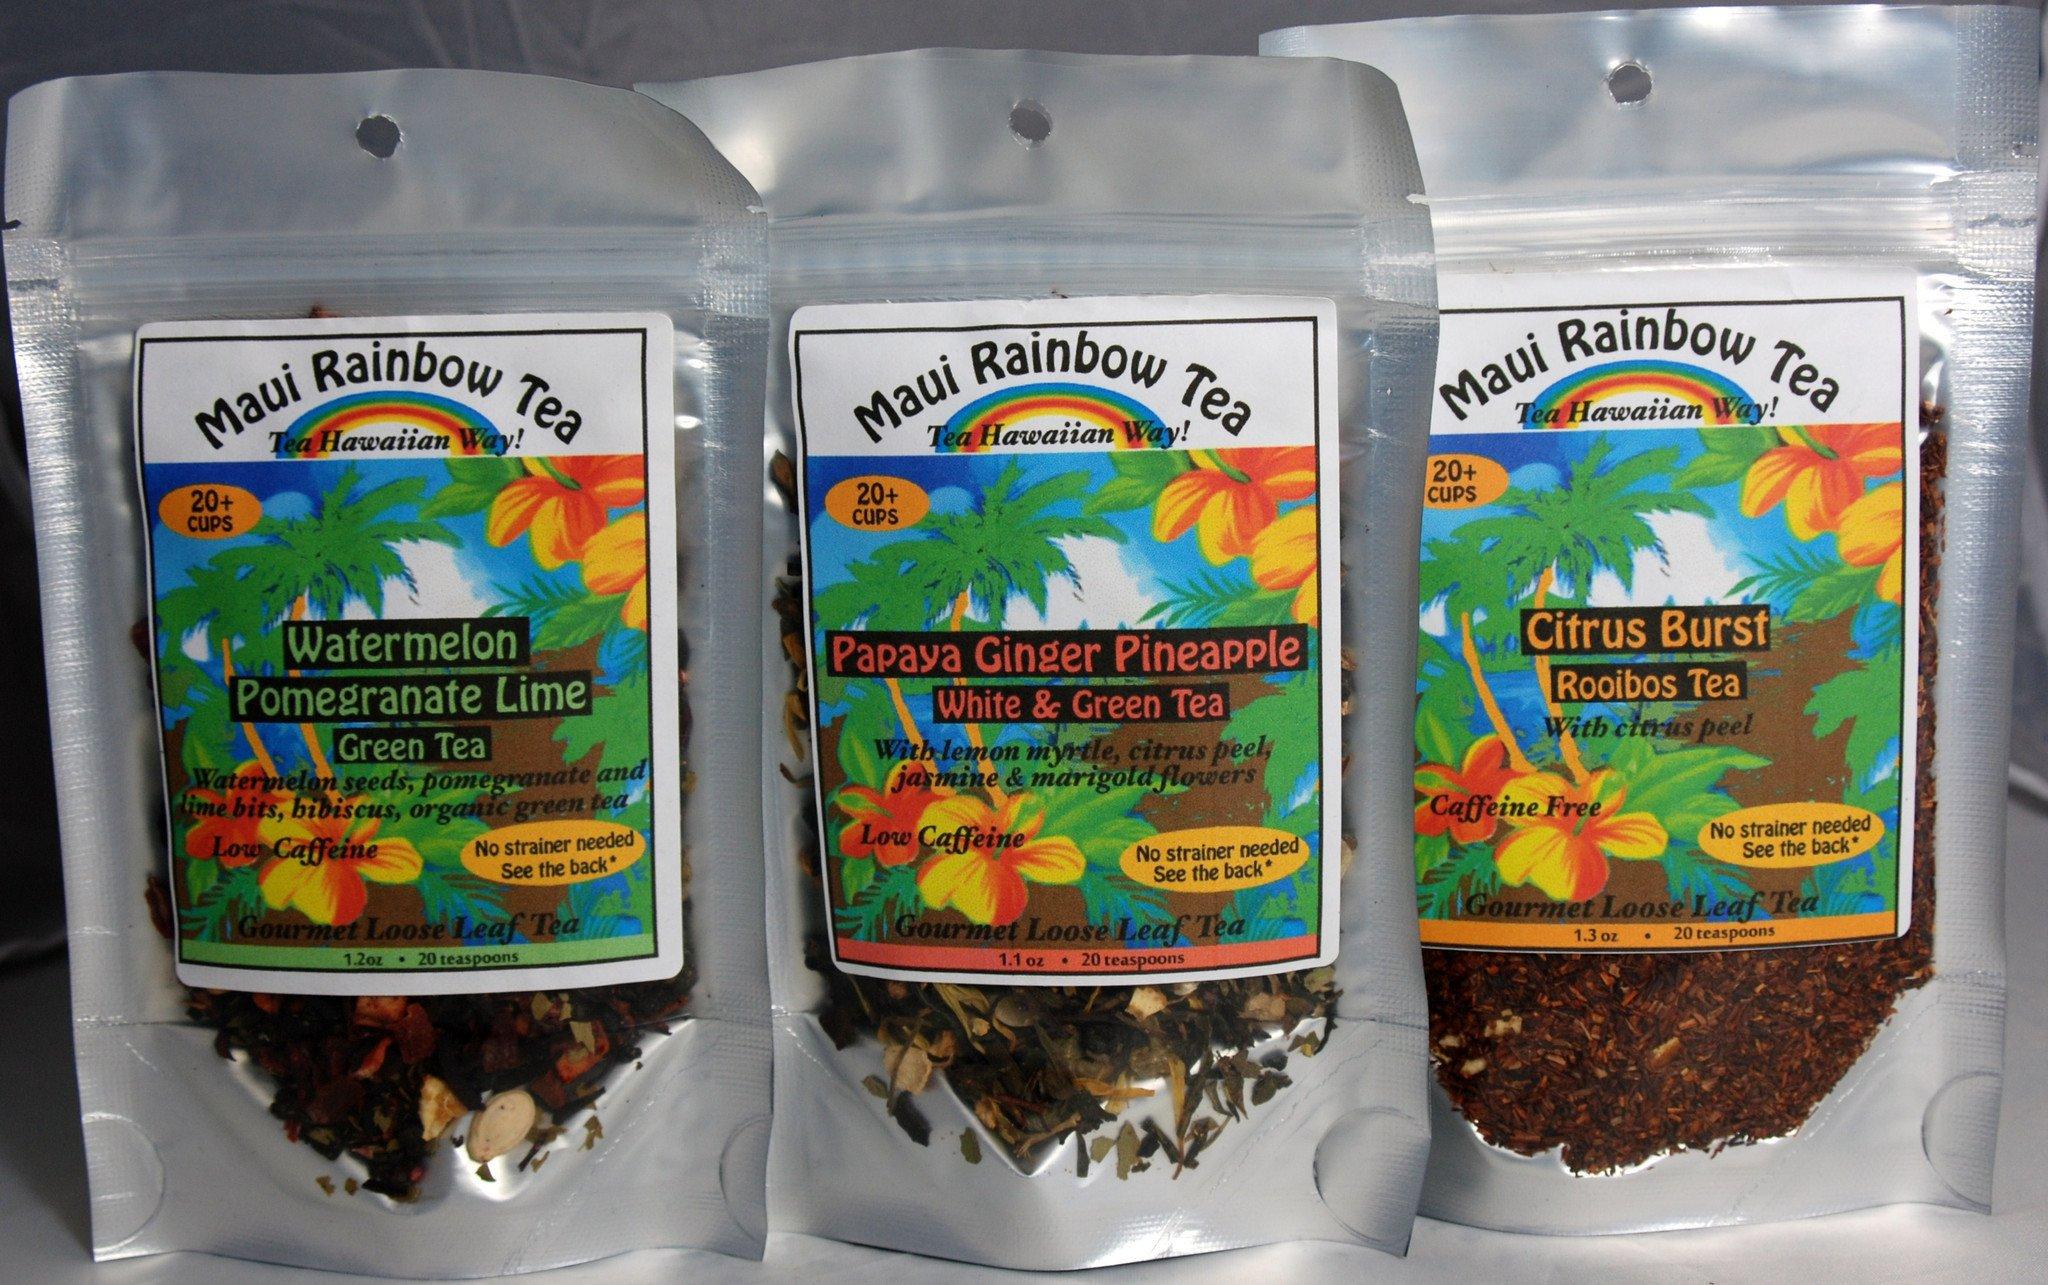 Tutu's Pantry - Maui Rainbow tea - Mango Lychee Black Tea - 3